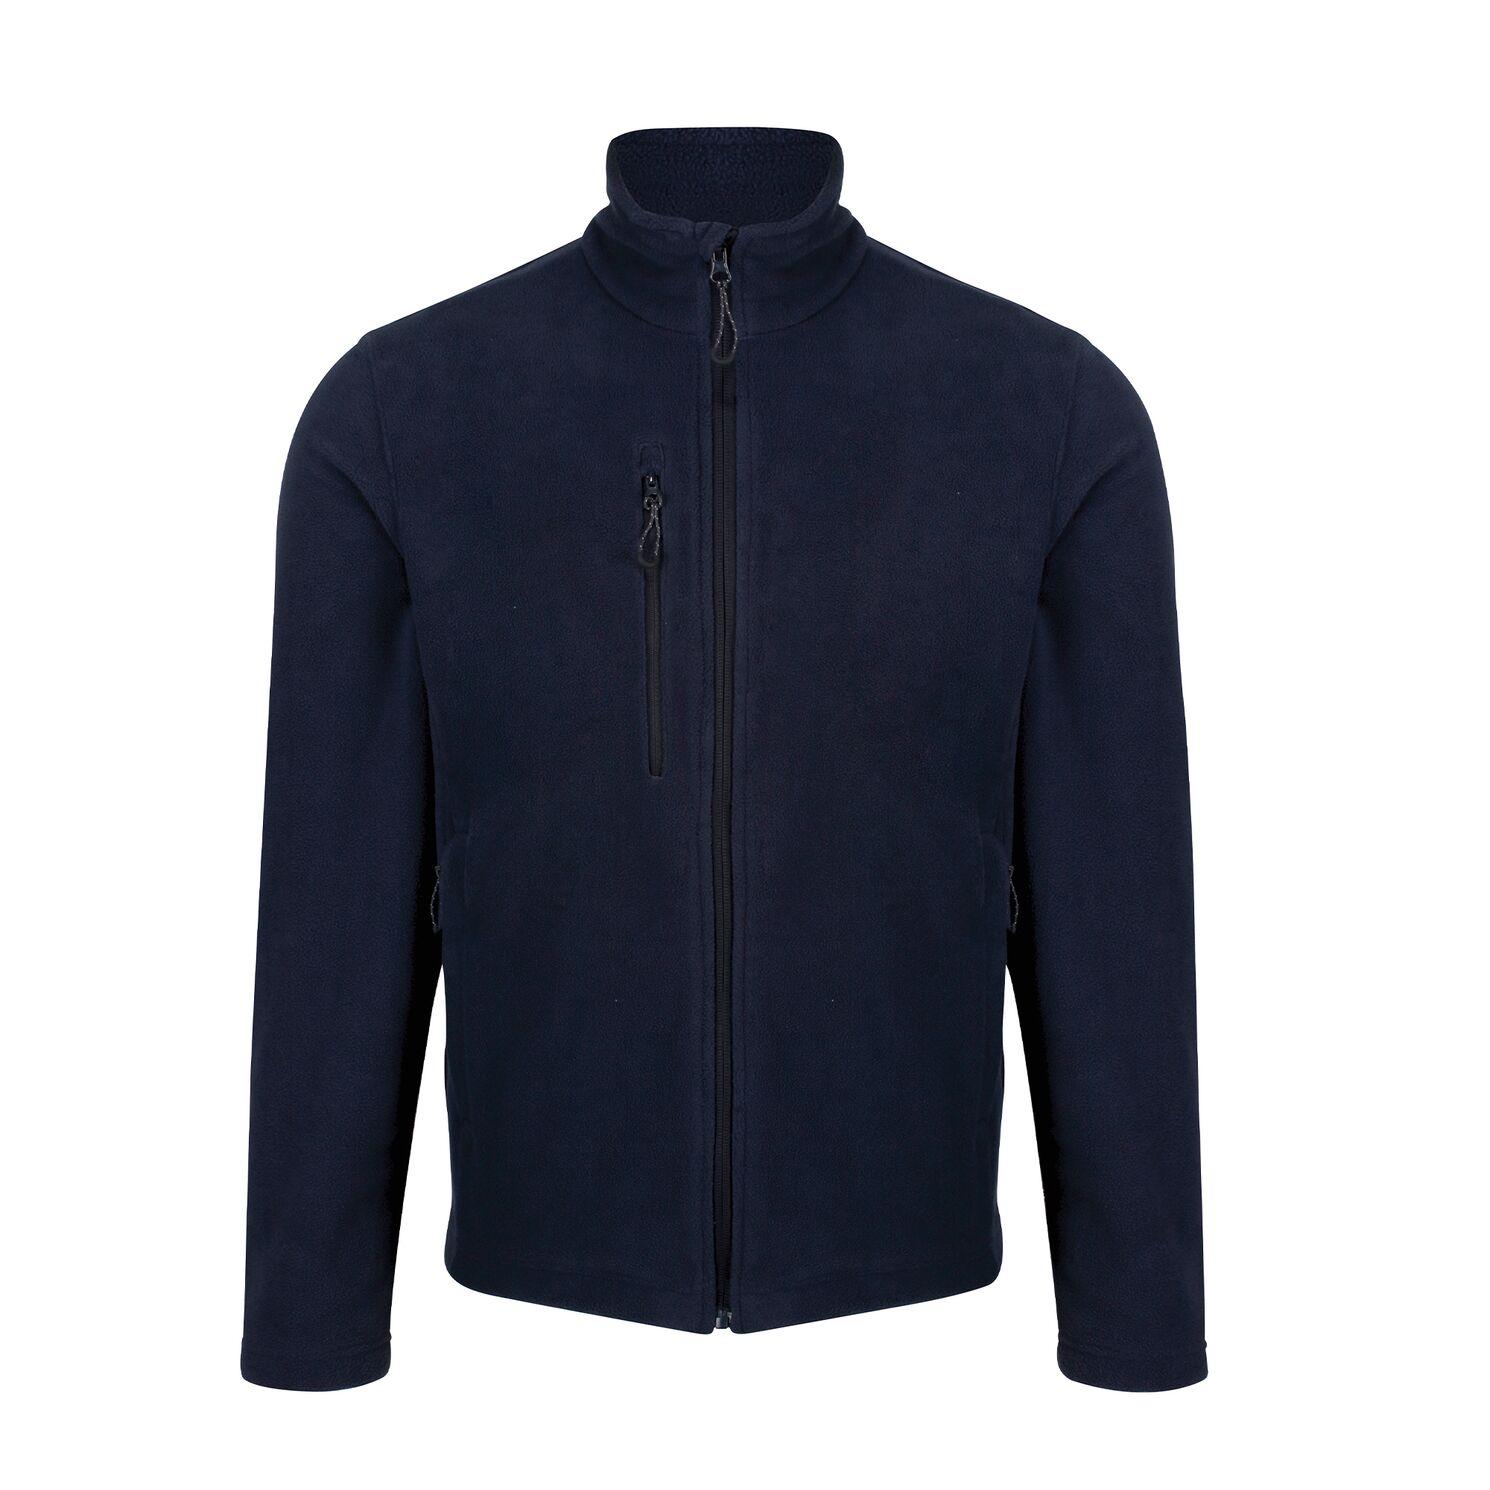 Regatta Mens Honesty Made Recycled Fleece Jacket (S) (Navy)